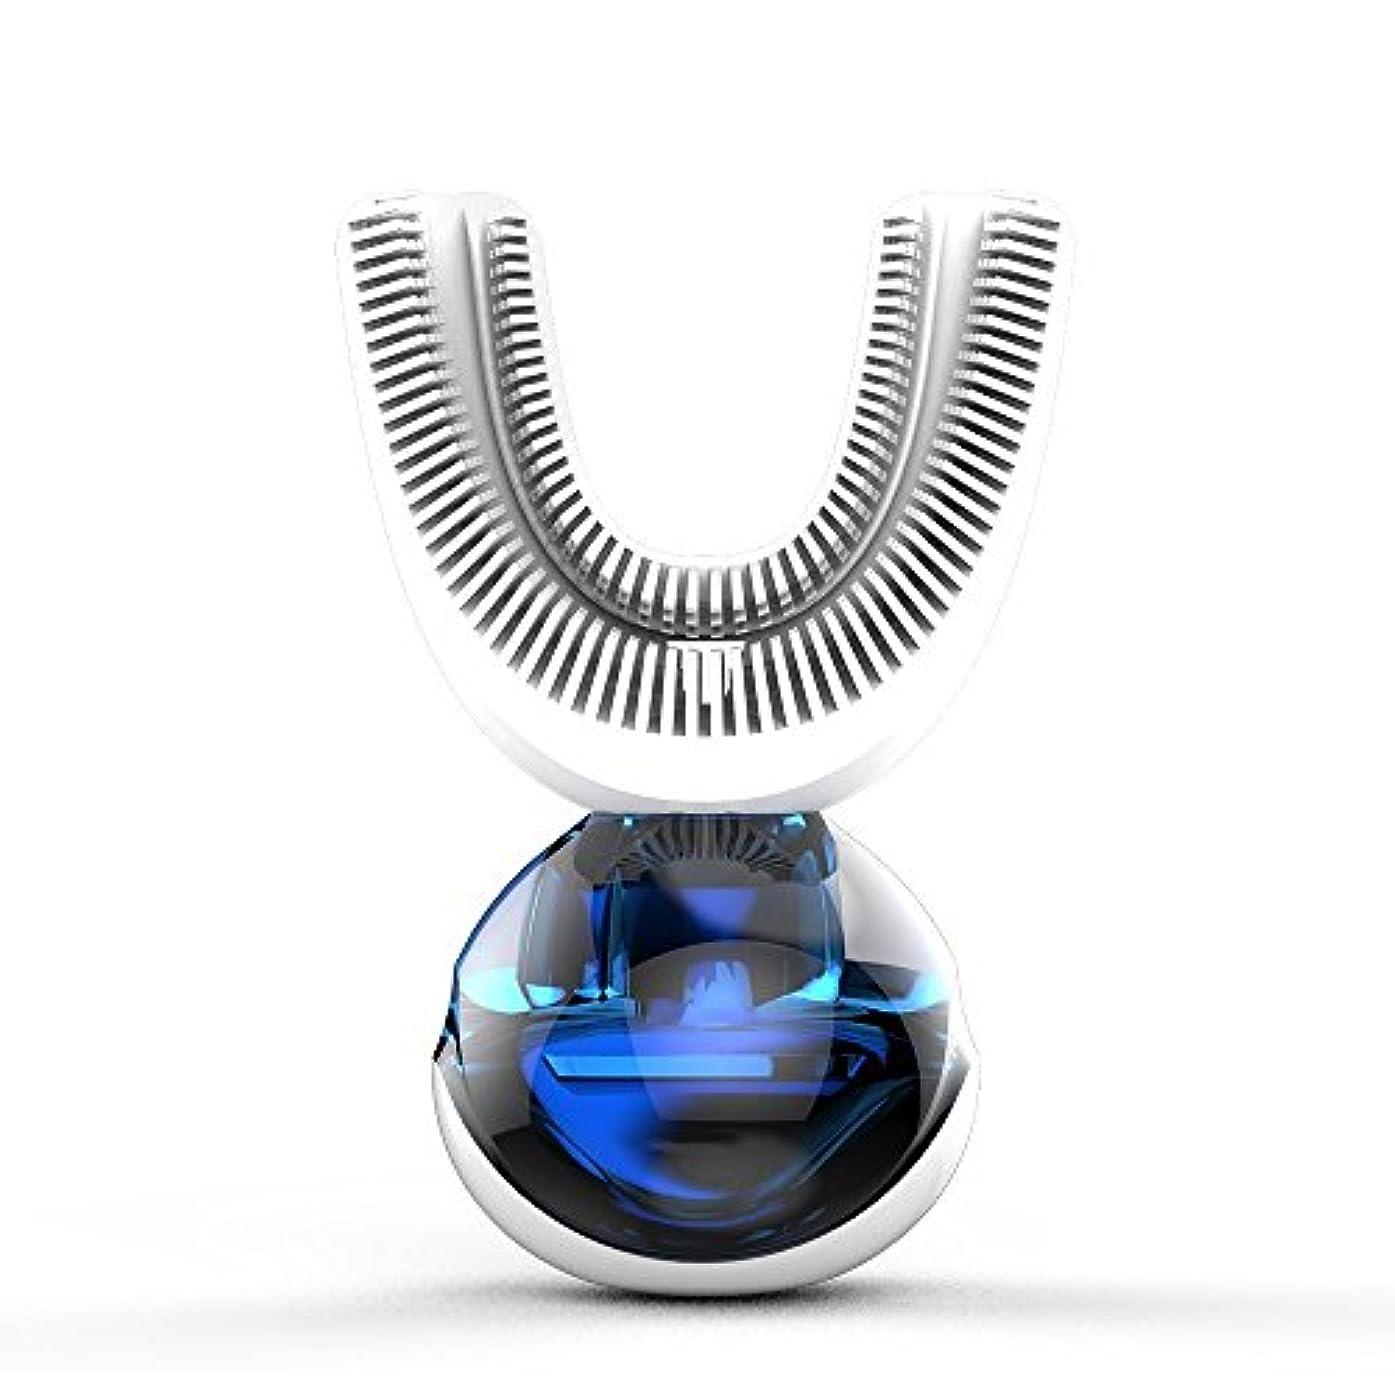 描くできた乗り出すフルオートマチック可変周波数電動歯ブラシ、自動360度U字型電動歯ブラシ、ワイヤレス充電IPX7防水自動歯ブラシ(大人用)